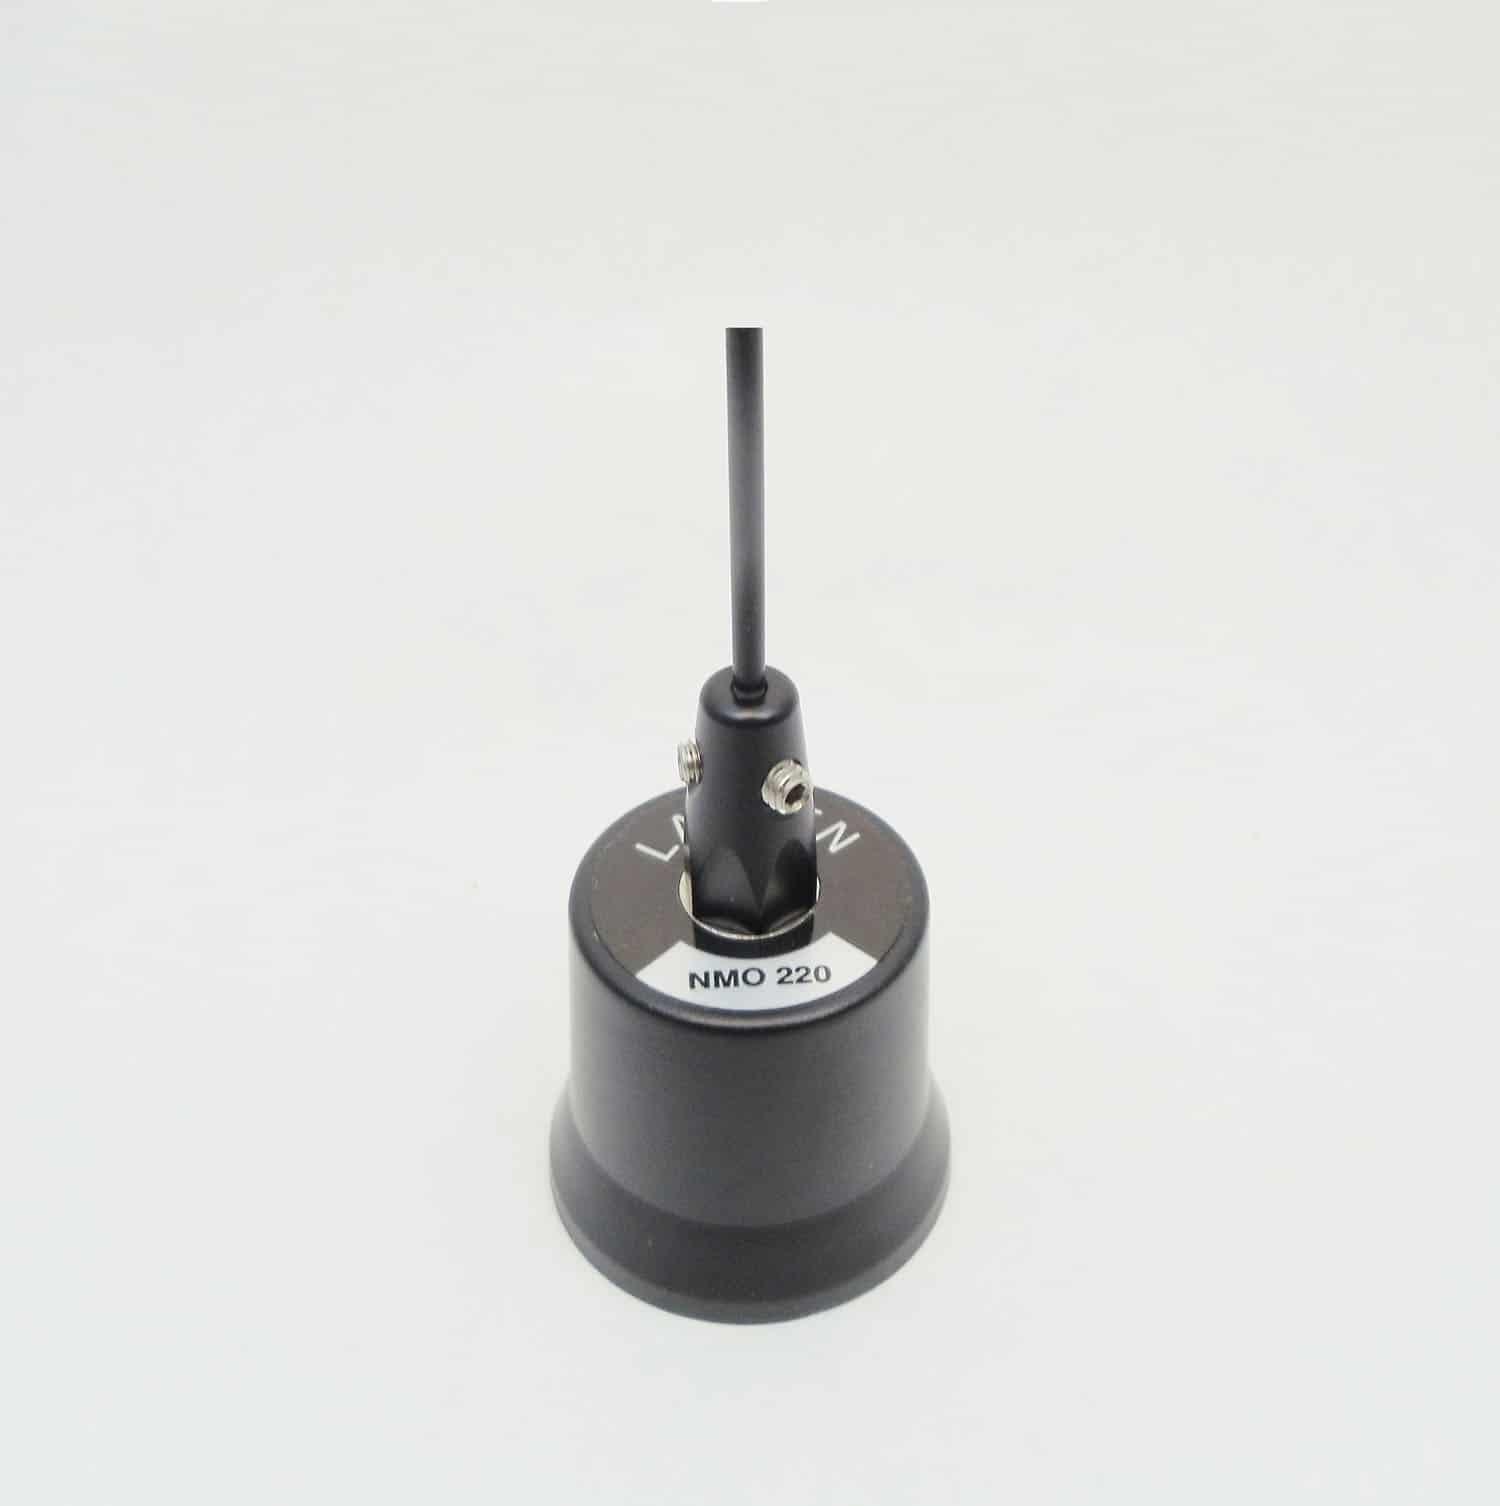 NMO220BK - Larsen 220-225Mhz 3 Db Gain Complete